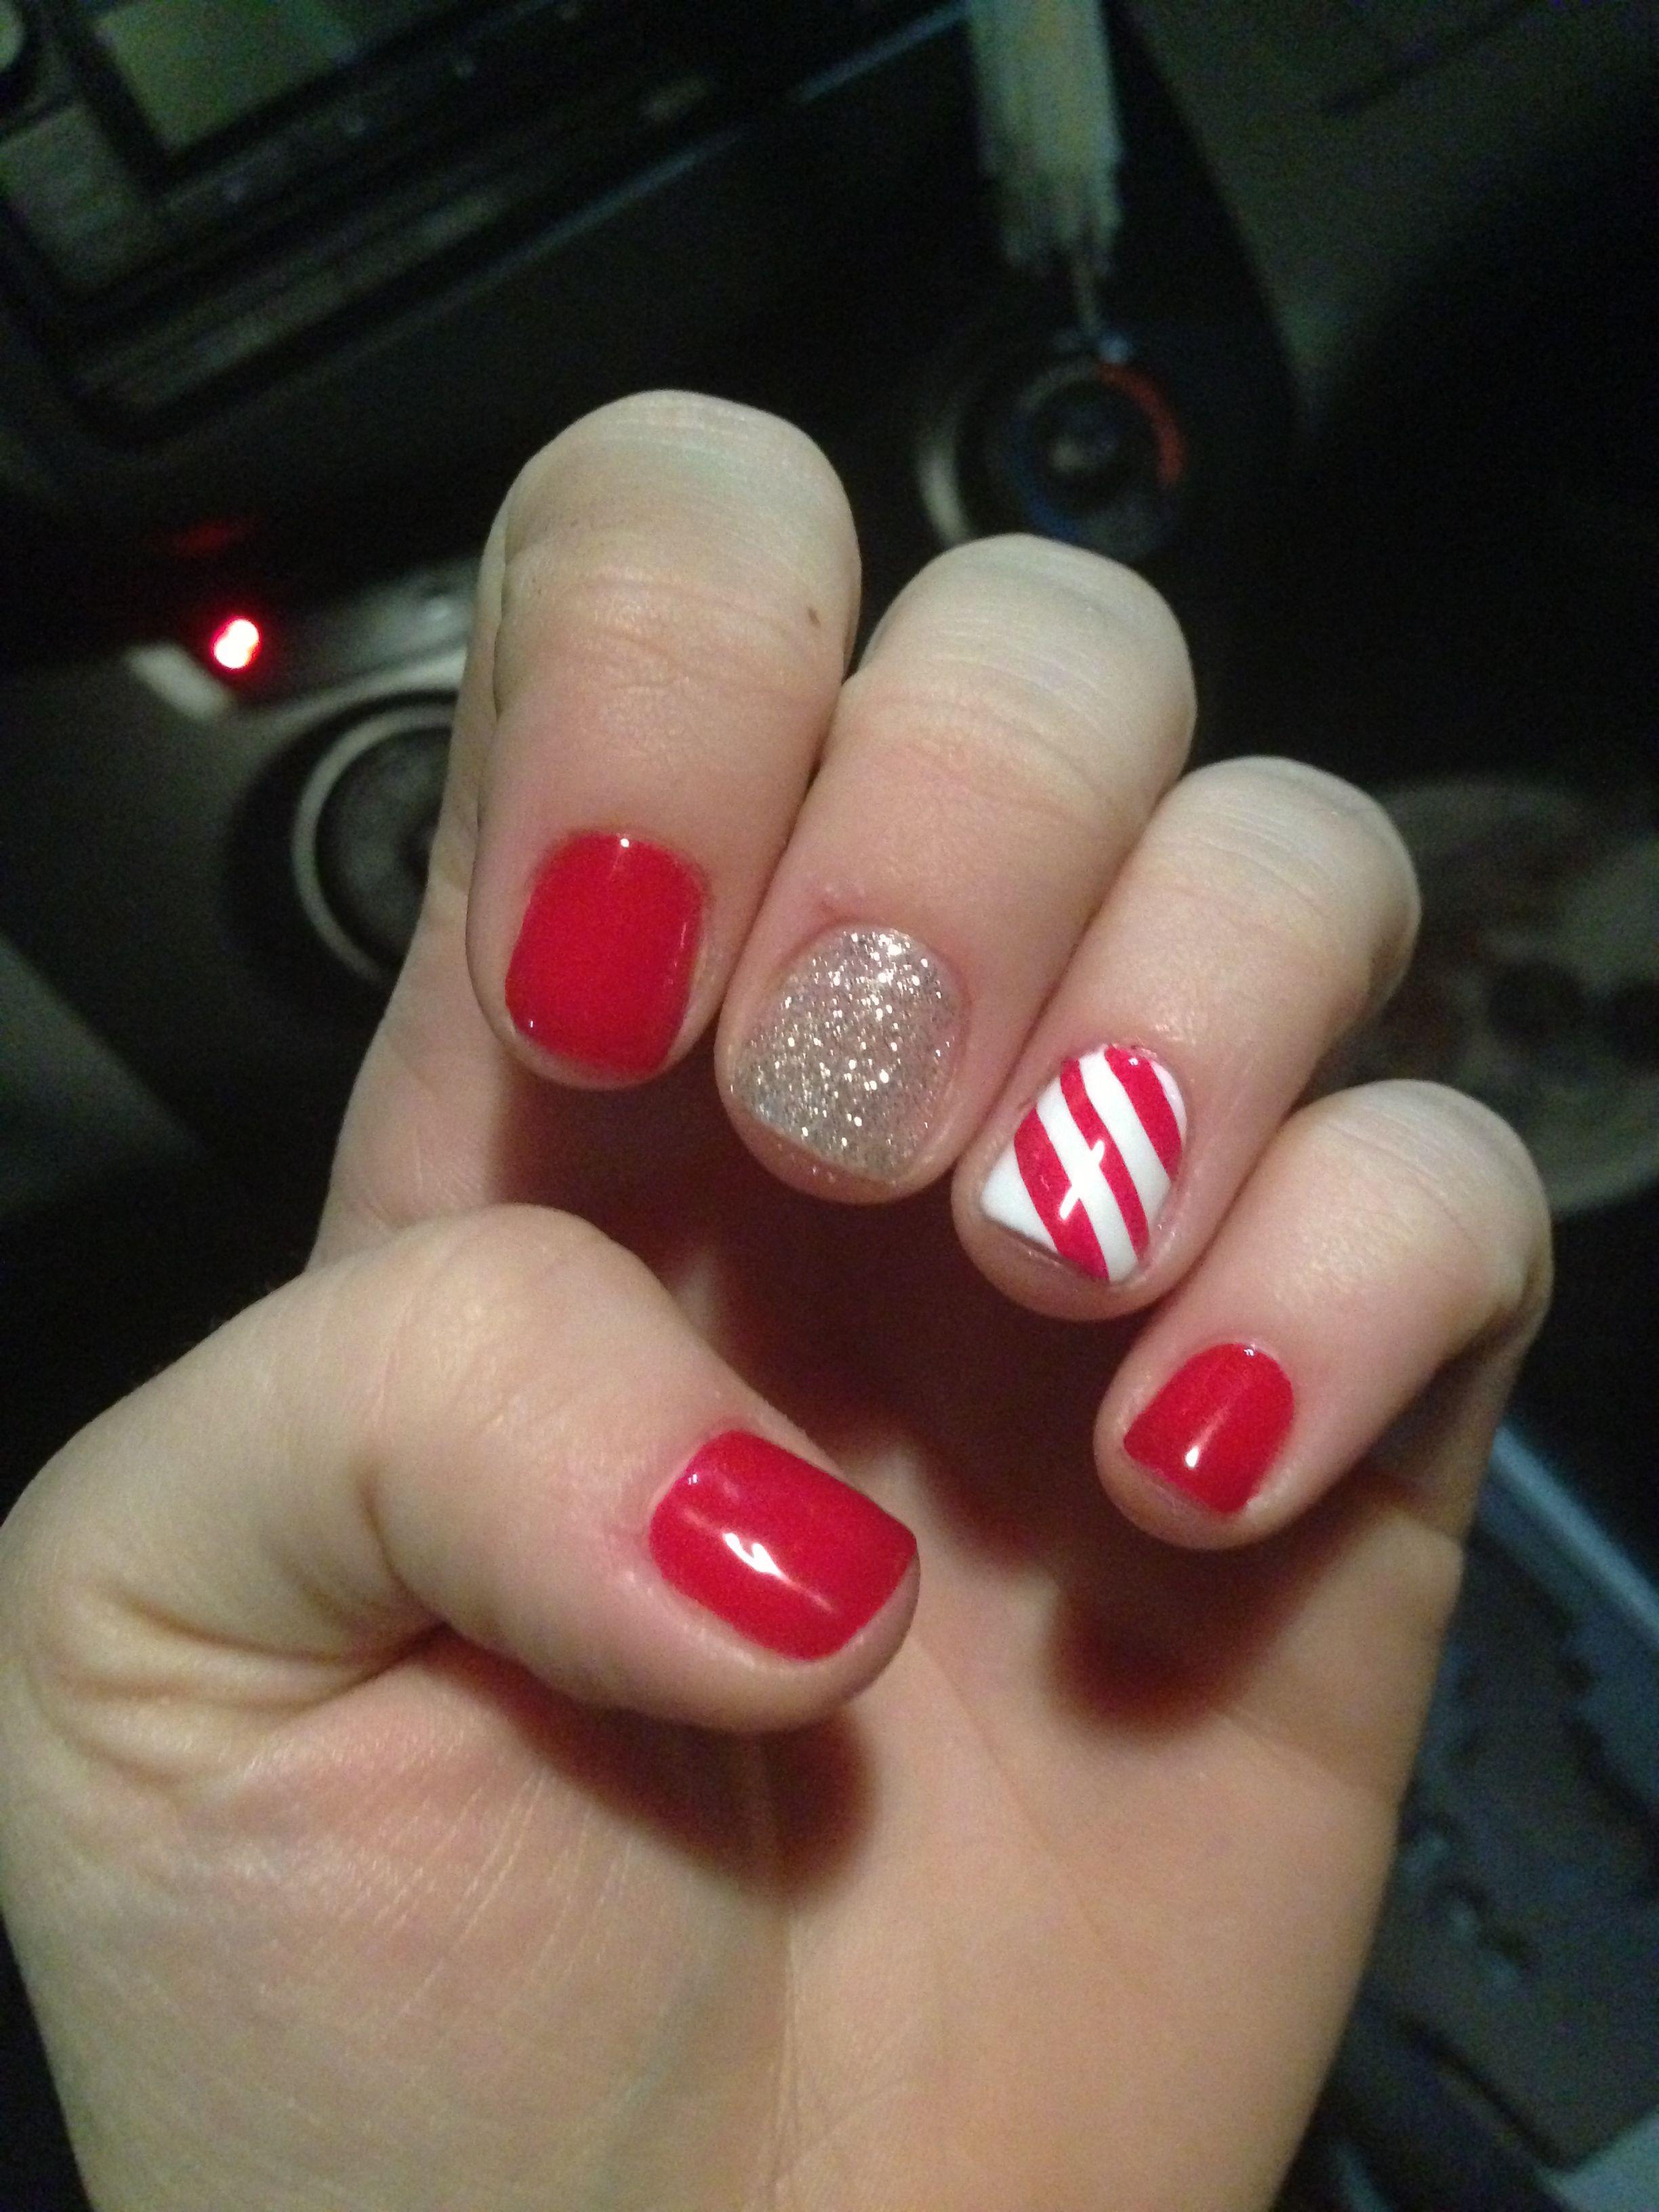 Pin By Johana Reyes On Hair And Nails Christmas Shellac Nails Holiday Nails Red Nails